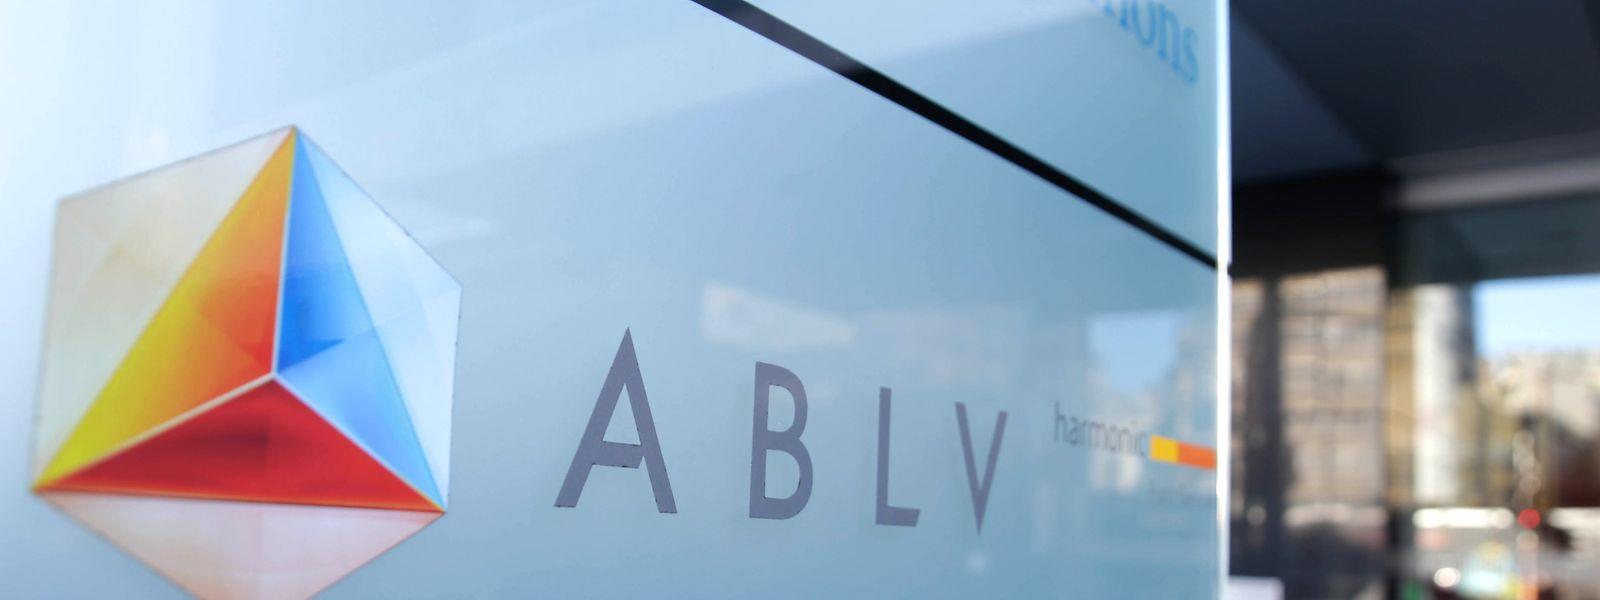 La banque ABLV emploie 18 personnes à Luxembourg.